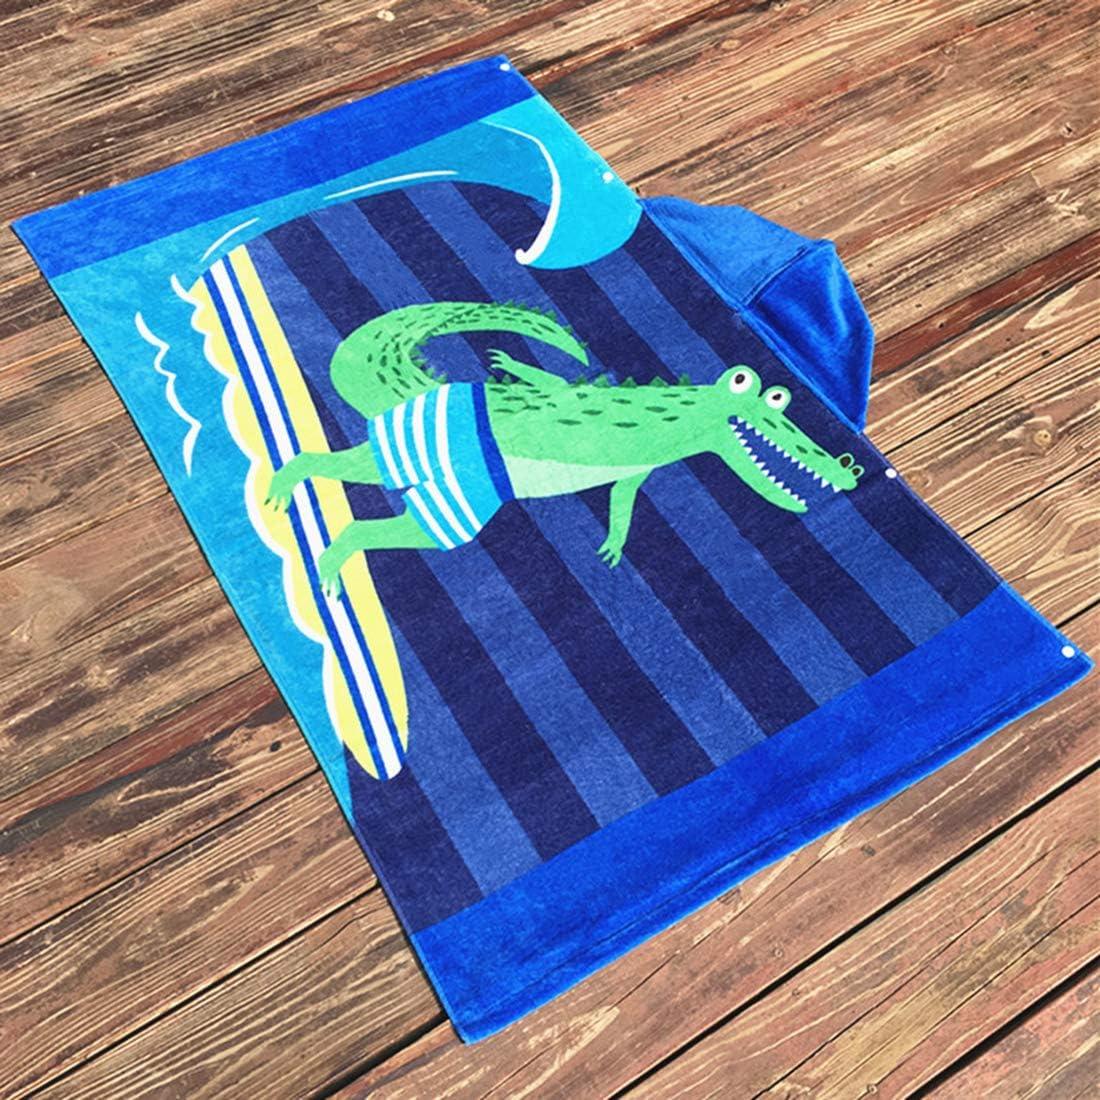 Ymwave Kinder Kapuzen Handtuch Bade Badetuch Bademäntel Strandtuch Badetuch Baby Kapuzentuch für Jungen und Mädchen 100% Baumwolle Krokodil 2